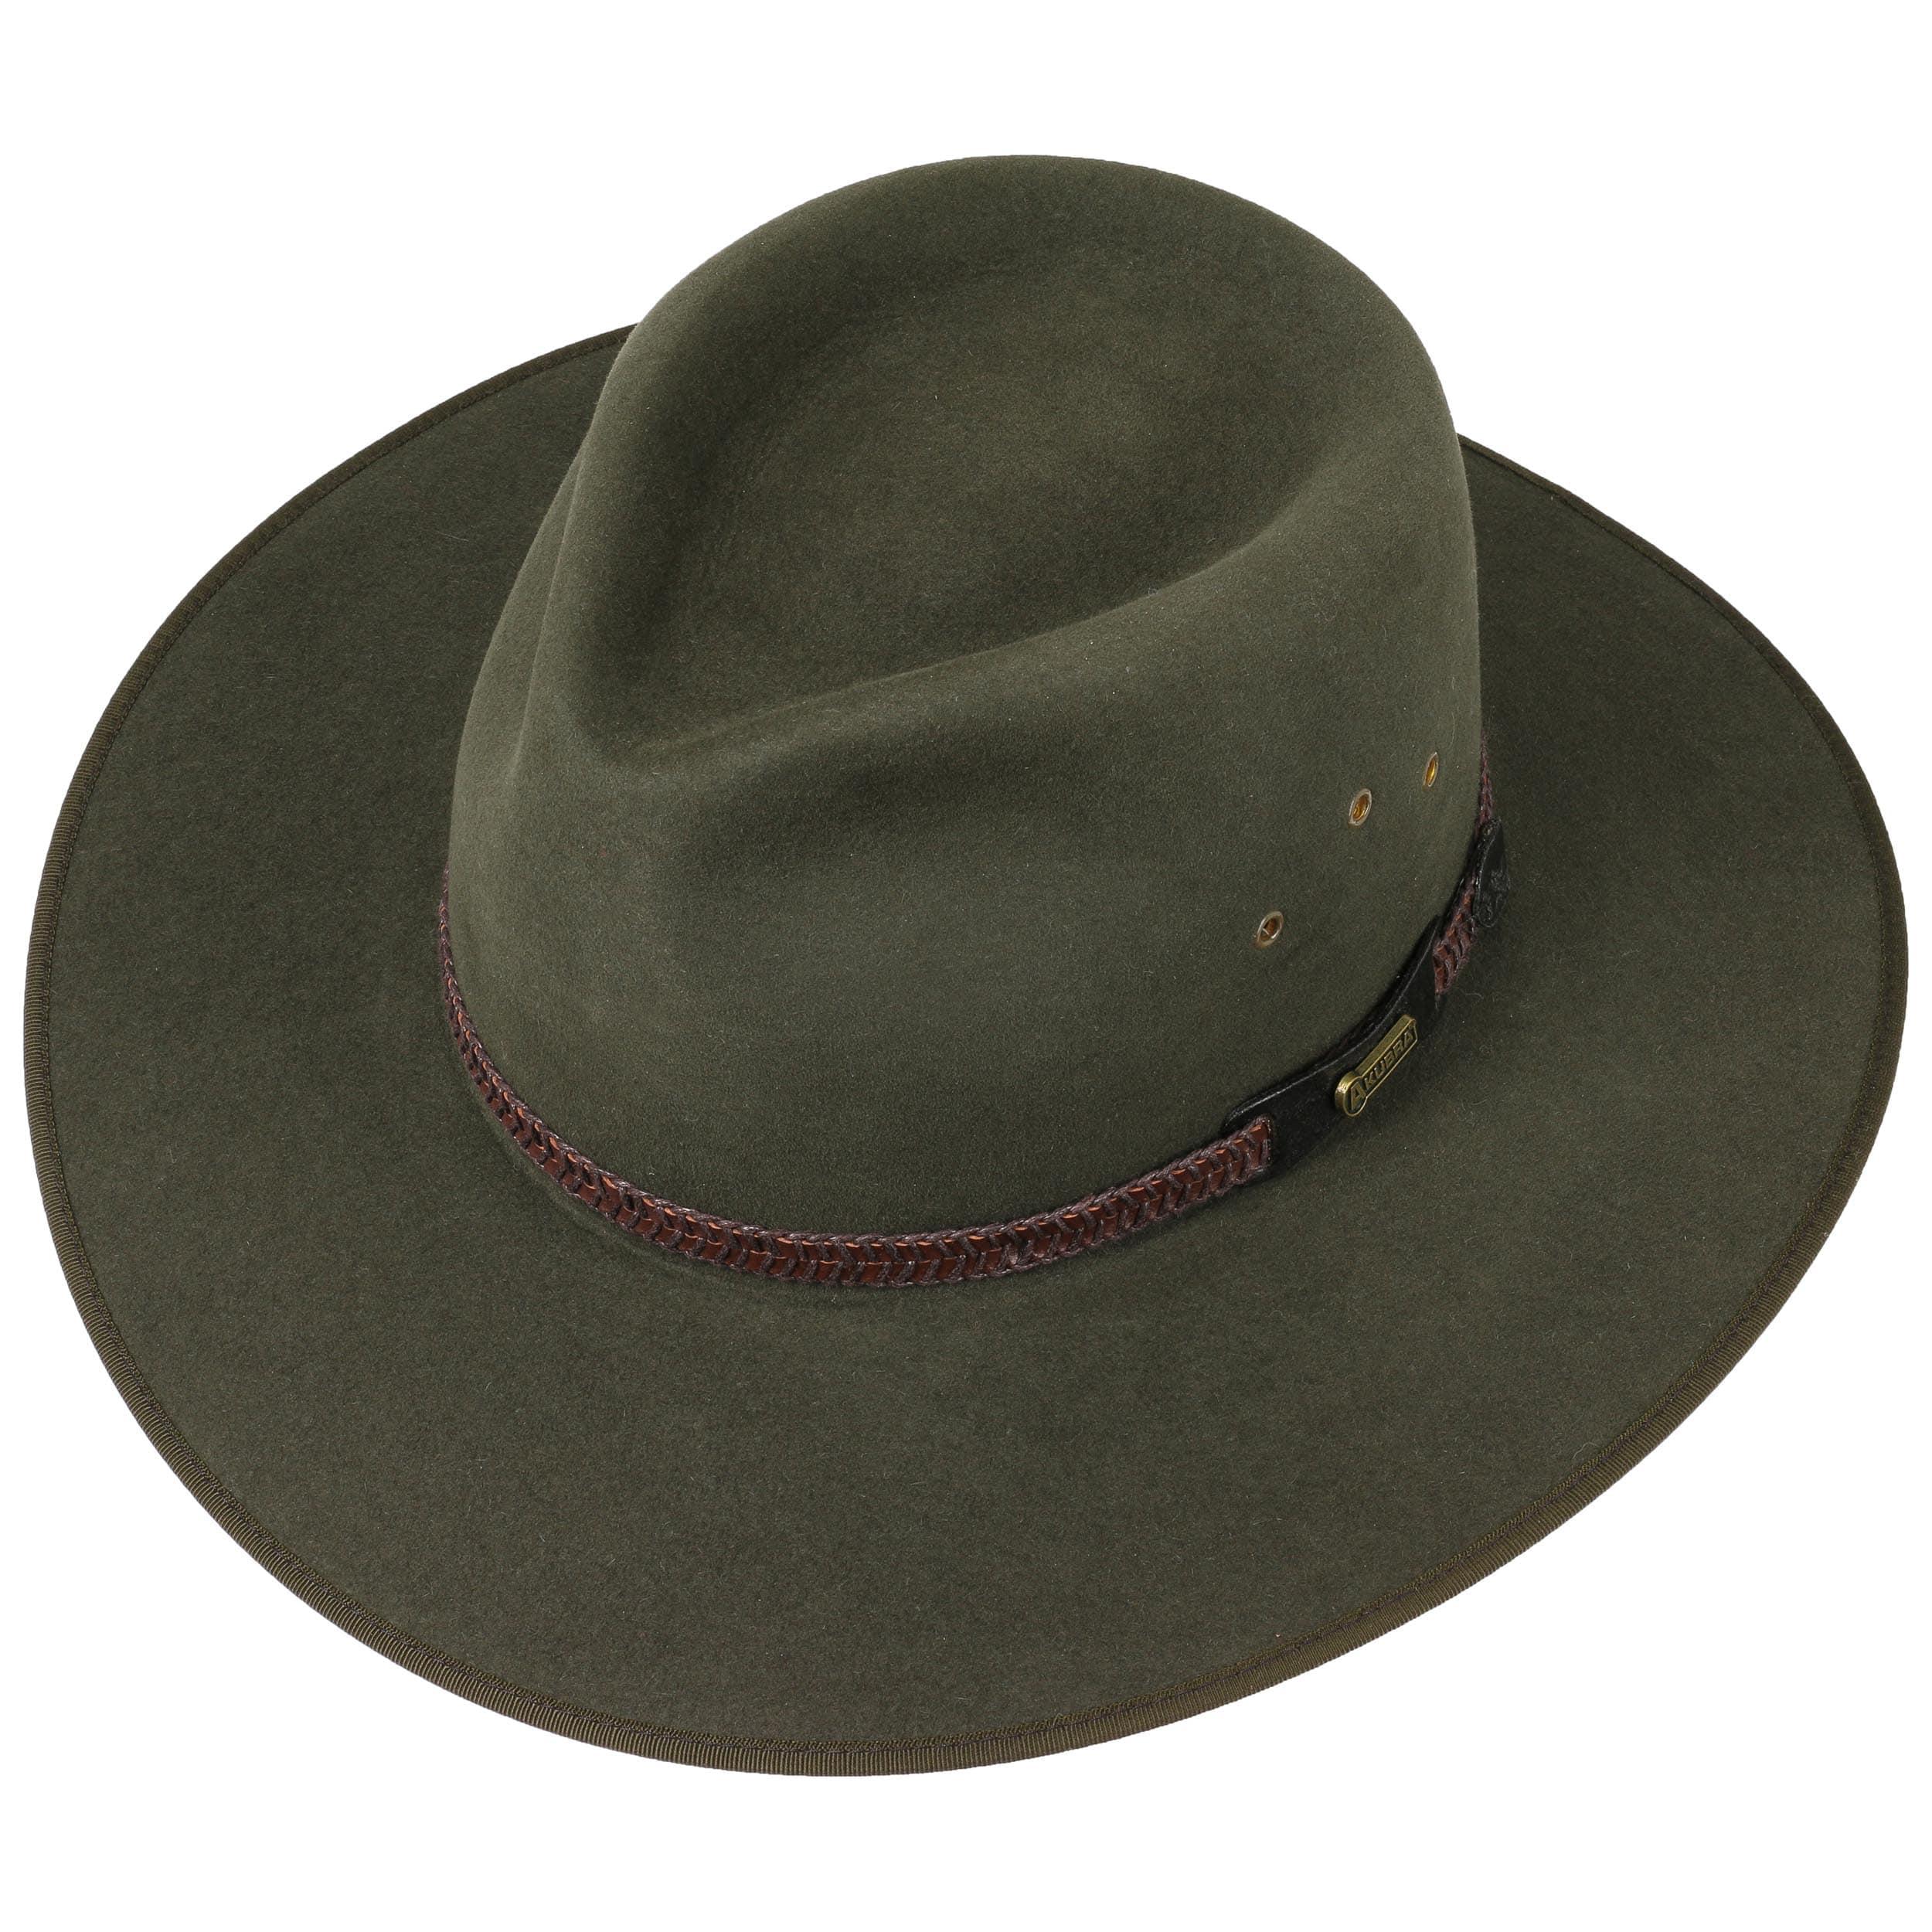 eb8c4a847c80d Sombrero Fieltro Pelo Tablelands by Akubra - Sombreros - sombreroshop.es